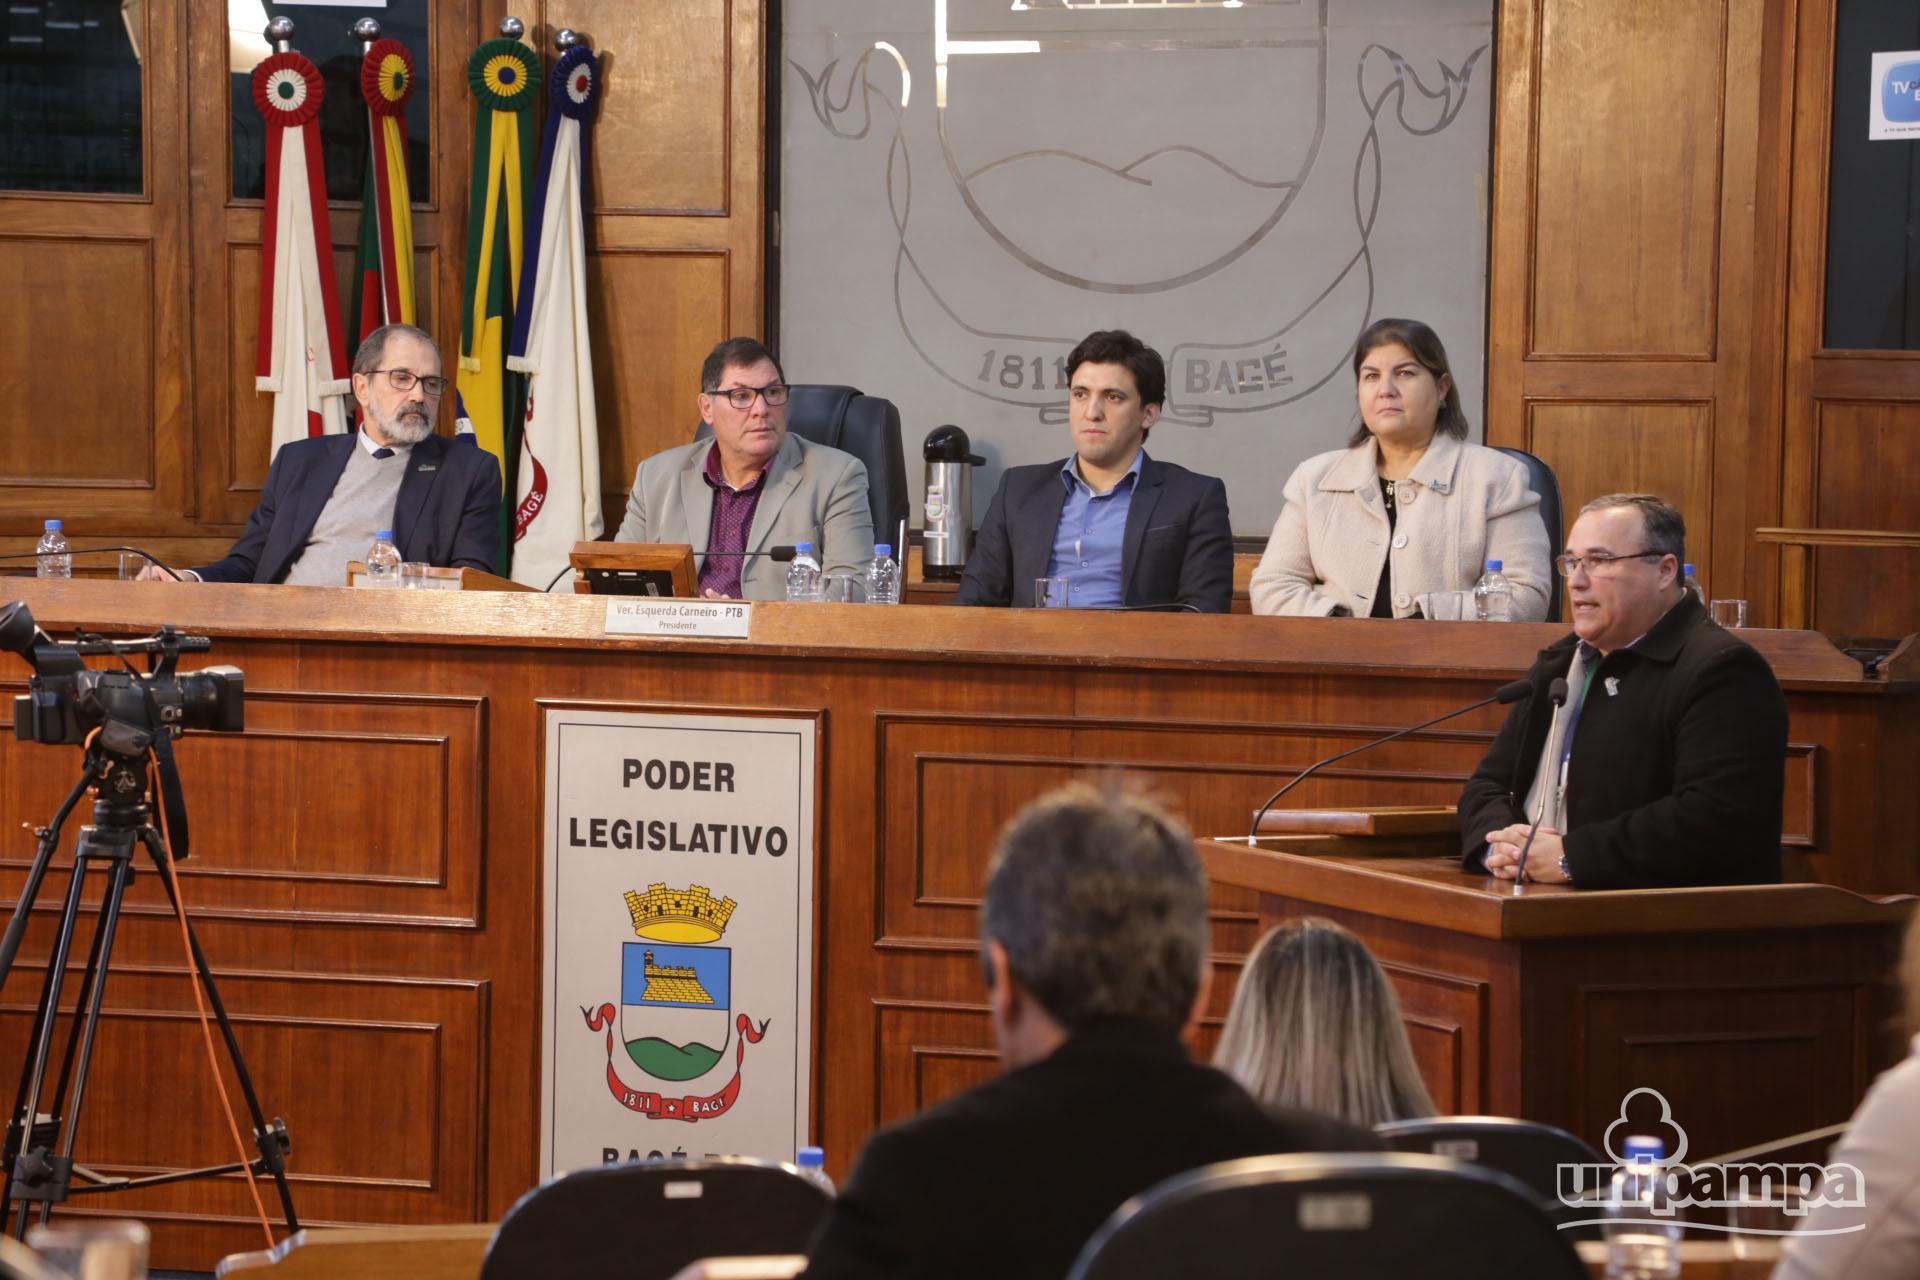 Na Sessão Especial da Câmara de Vereadores a educação e a Unipampa foram temas de discussão. (Fotos: Ronaldo Estevam)